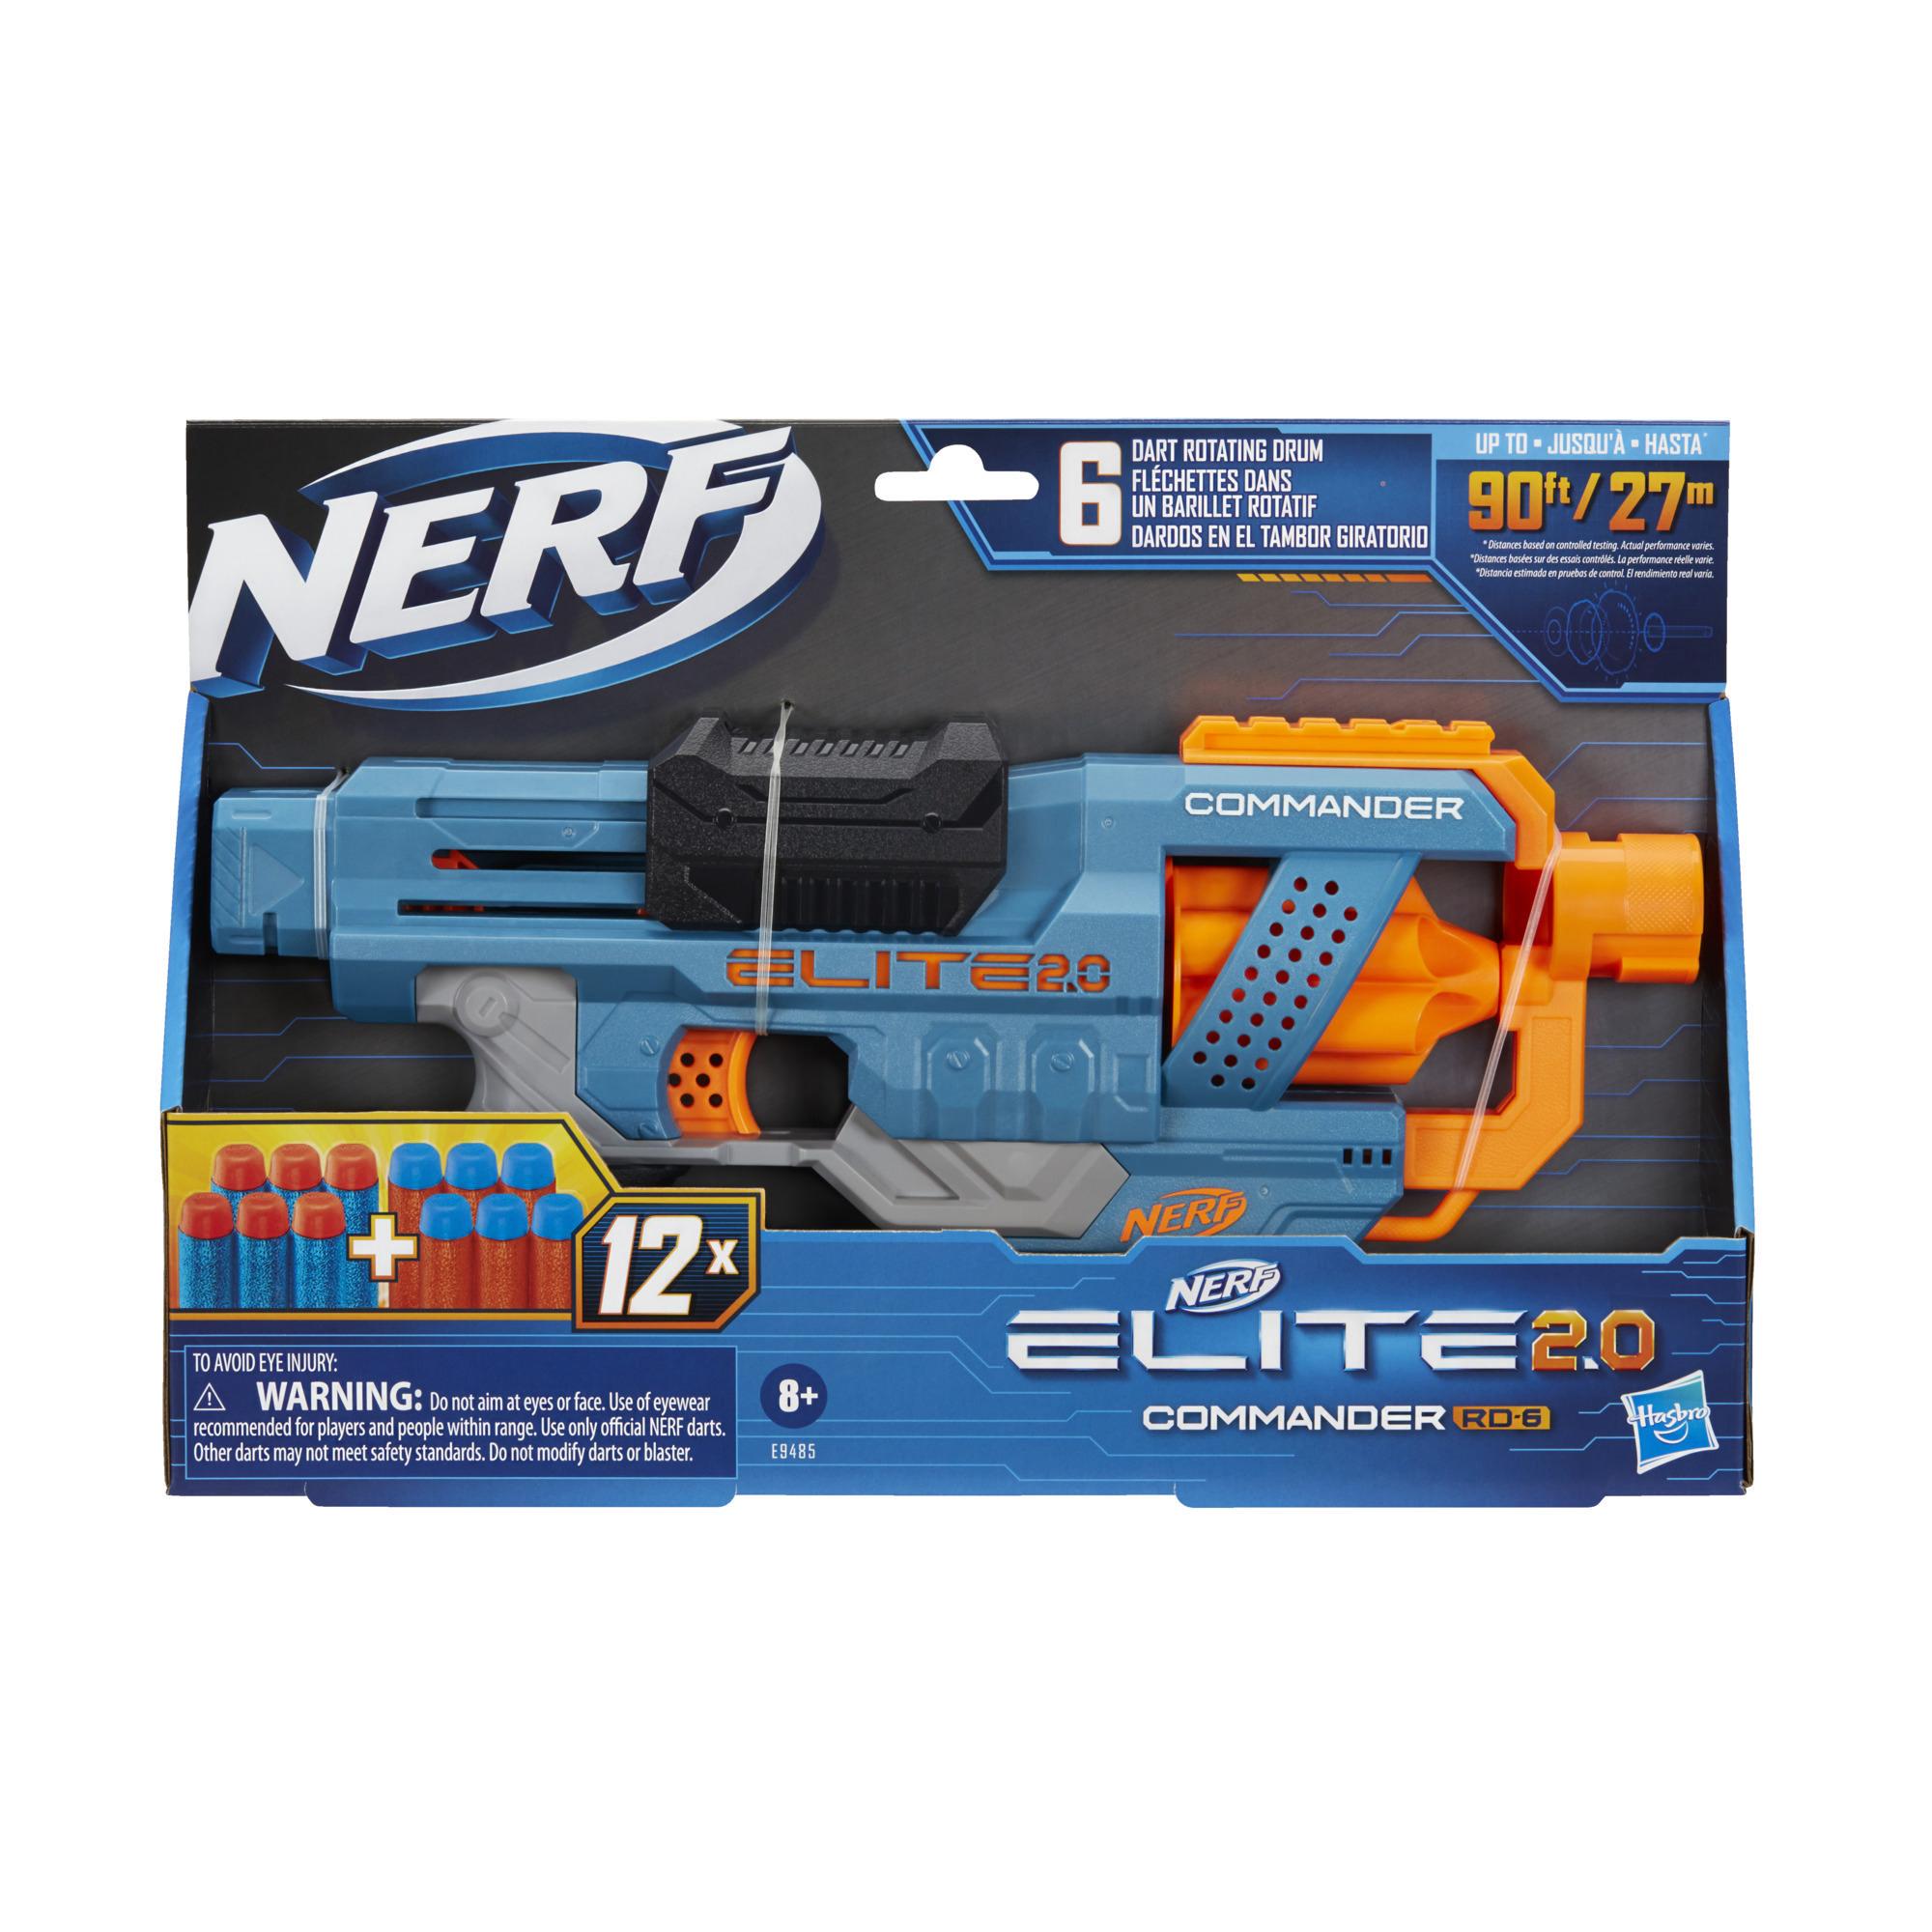 Nerf Elite2.0 Commander RD-6 Blaster, 12originálních šipek Nerf, rotační zásobník na 6šipek, vestavěné možnosti přizpůsobení